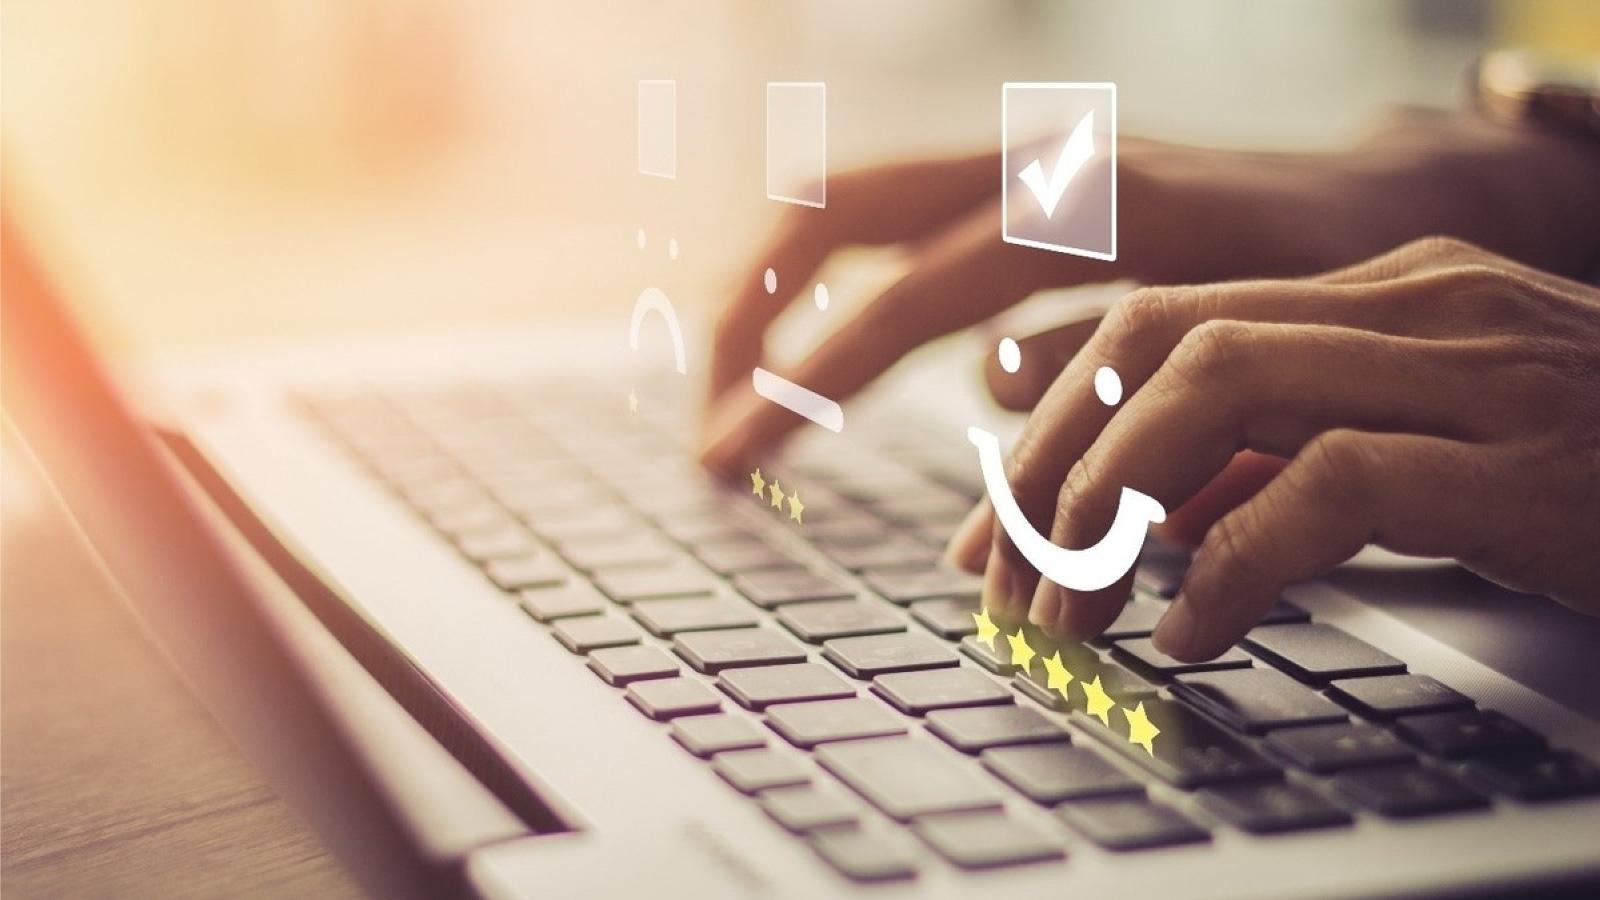 25 Nasihat Obrolan Pelanggan untuk Meyakinkan dan Memelihara Pelanggan Online Anda